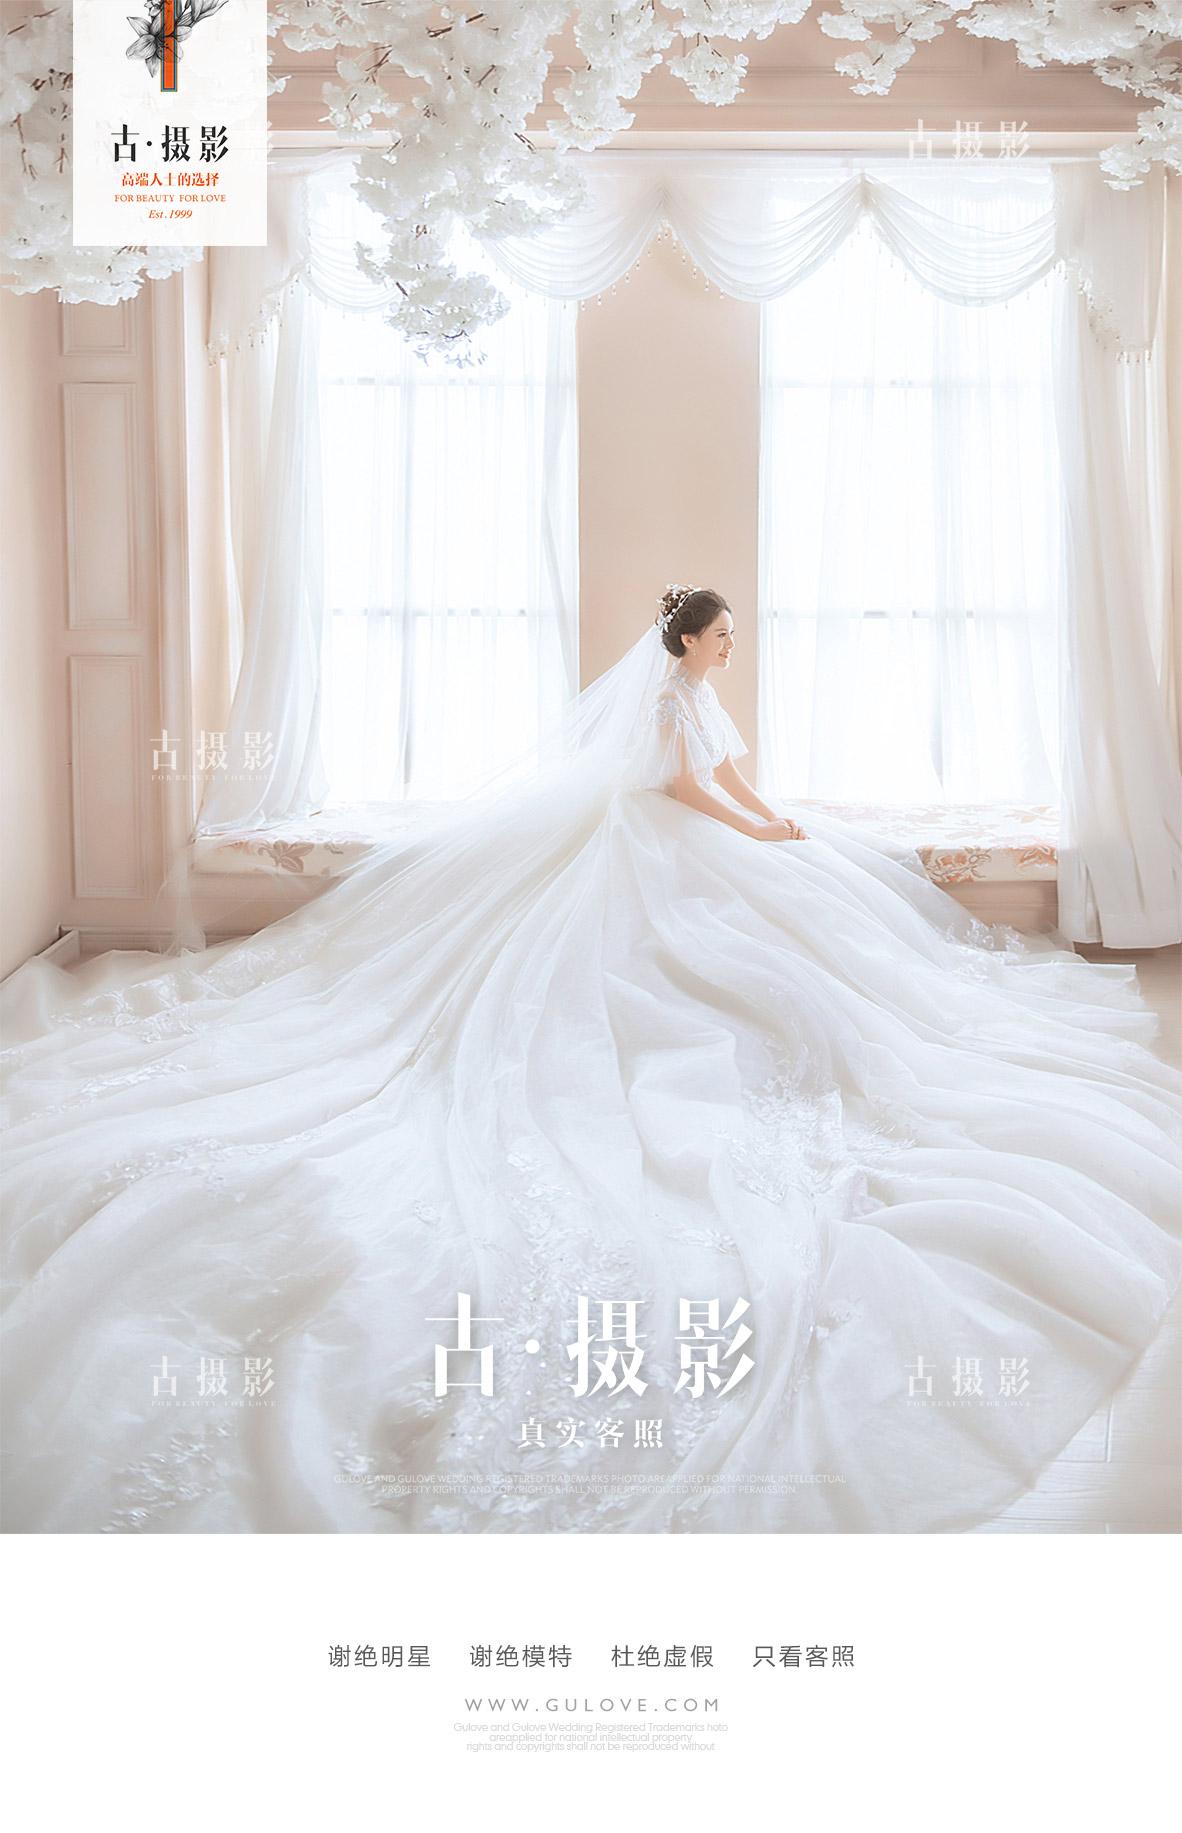 5月客照第二季 - 月度客照 - 古摄影婚纱艺术-古摄影成都婚纱摄影艺术摄影网